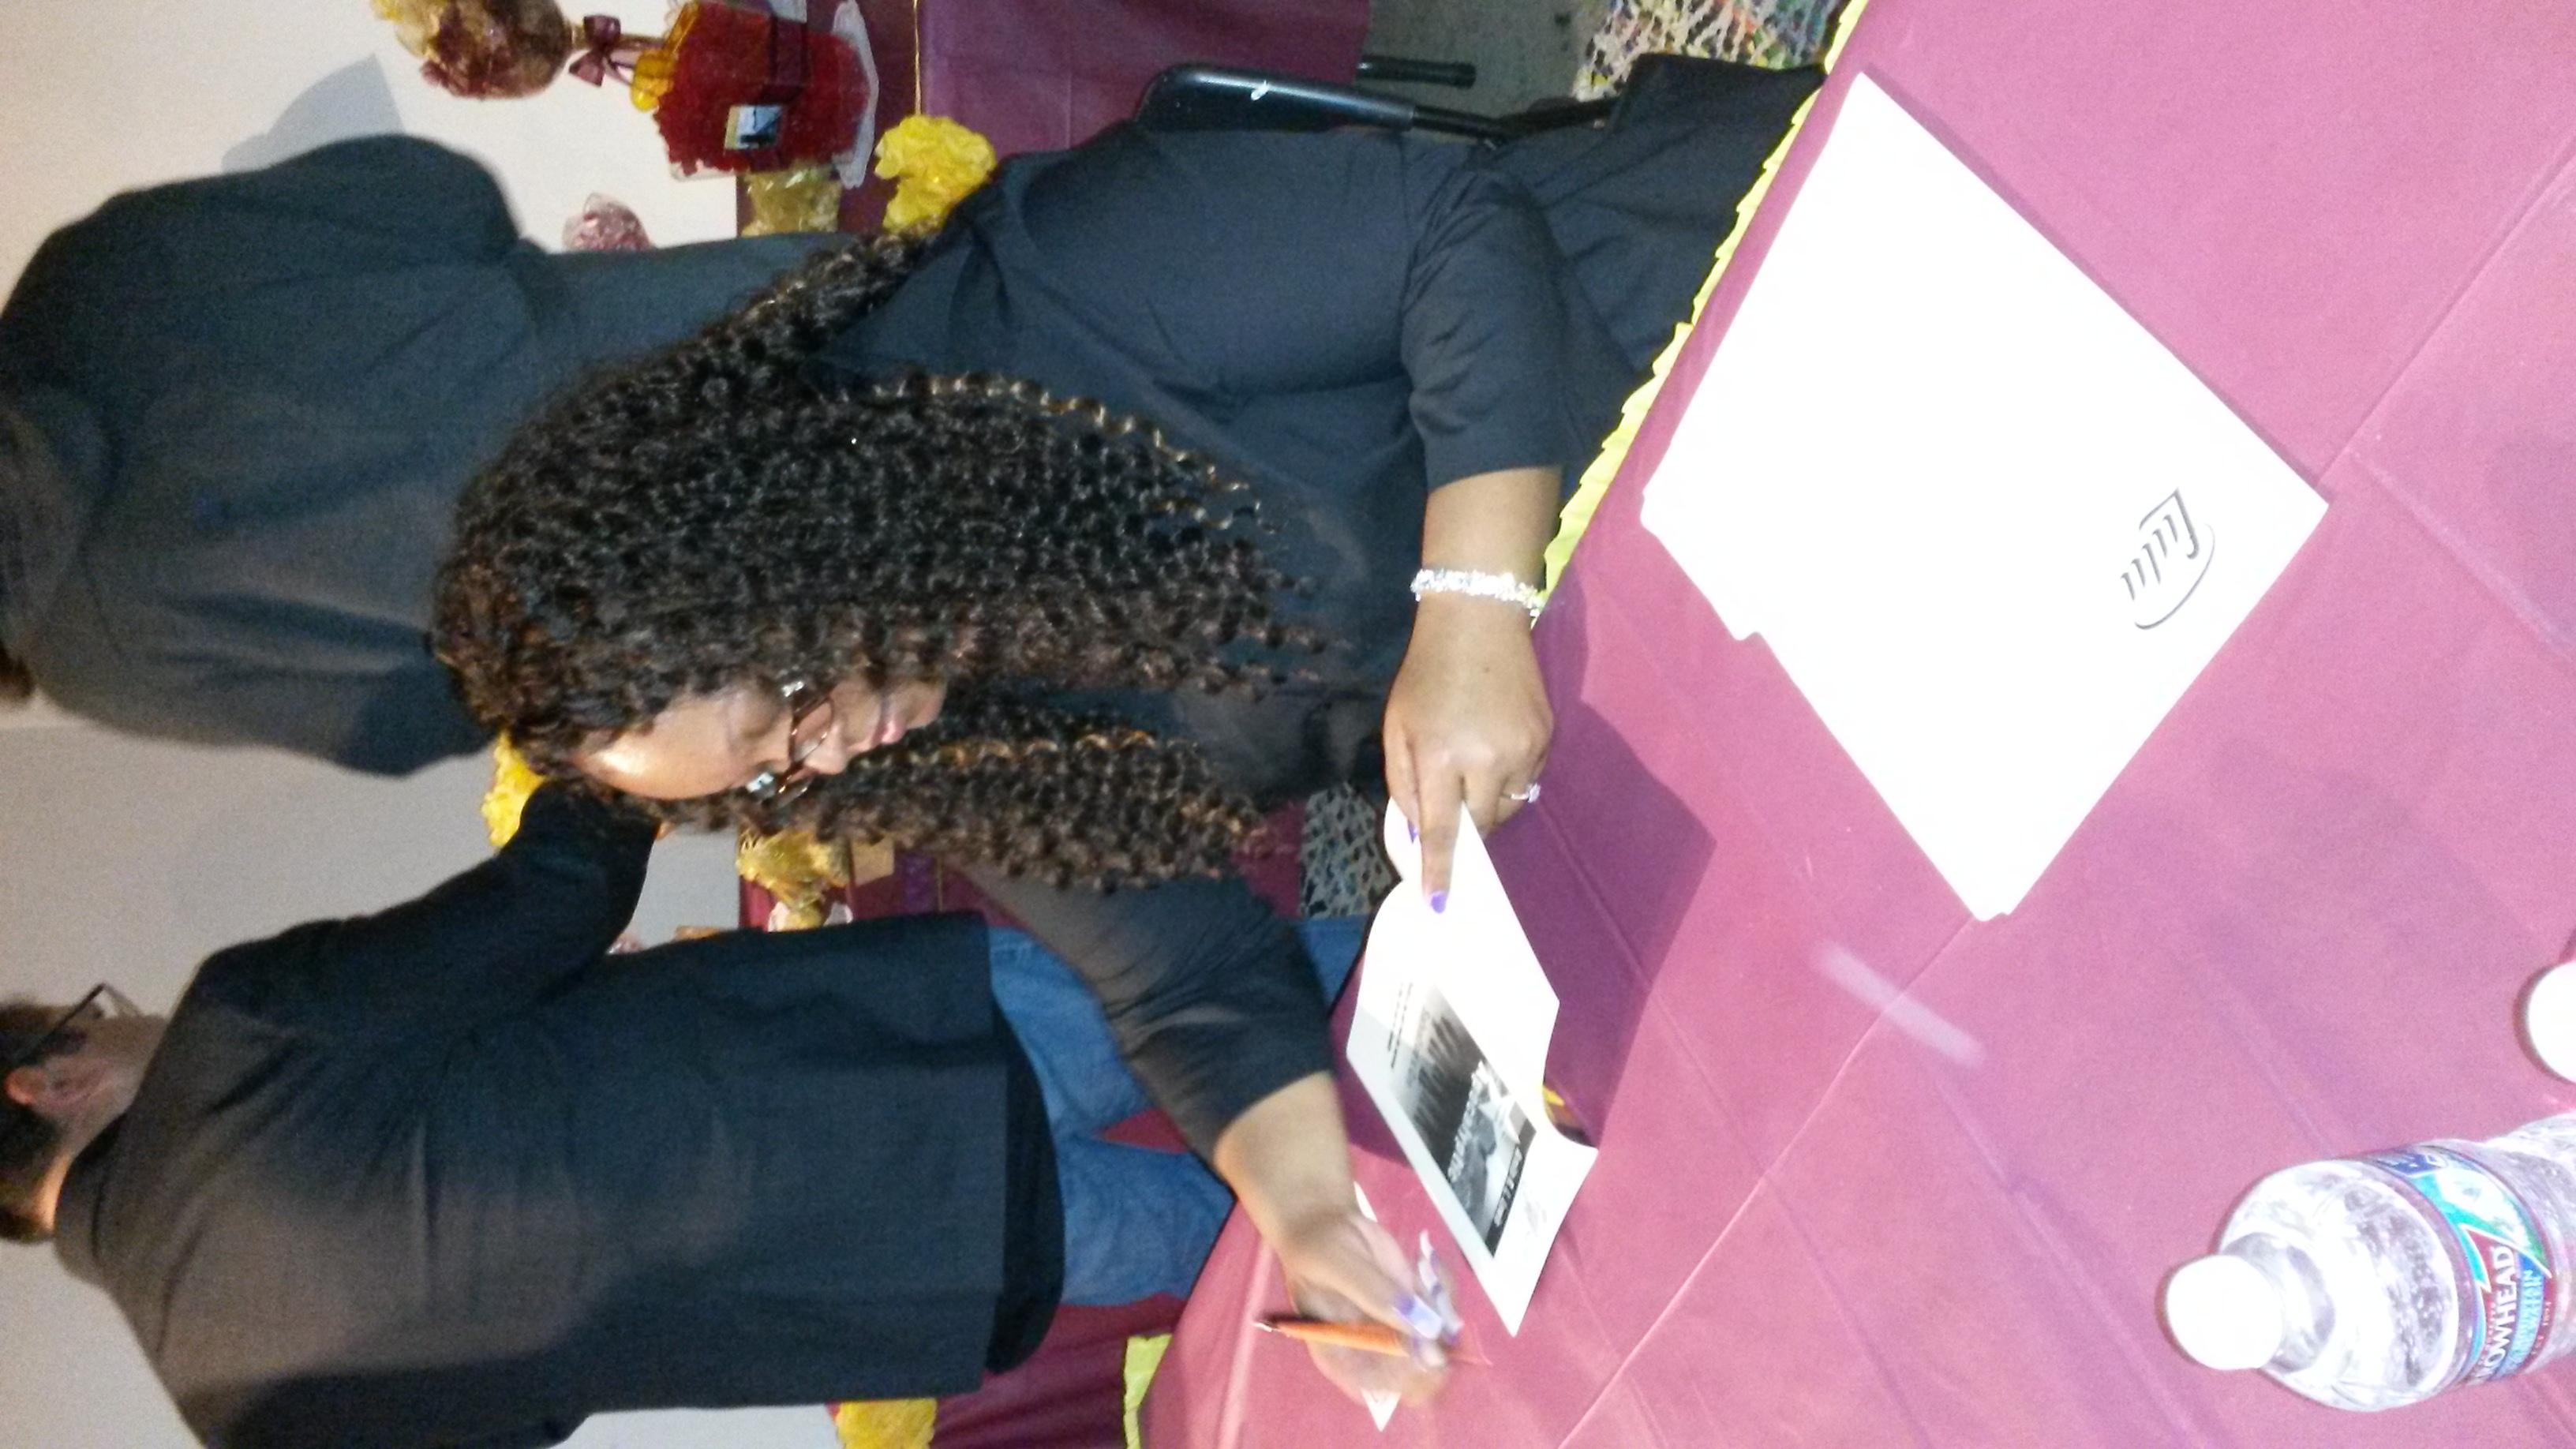 Nita Nae Signing Books 3